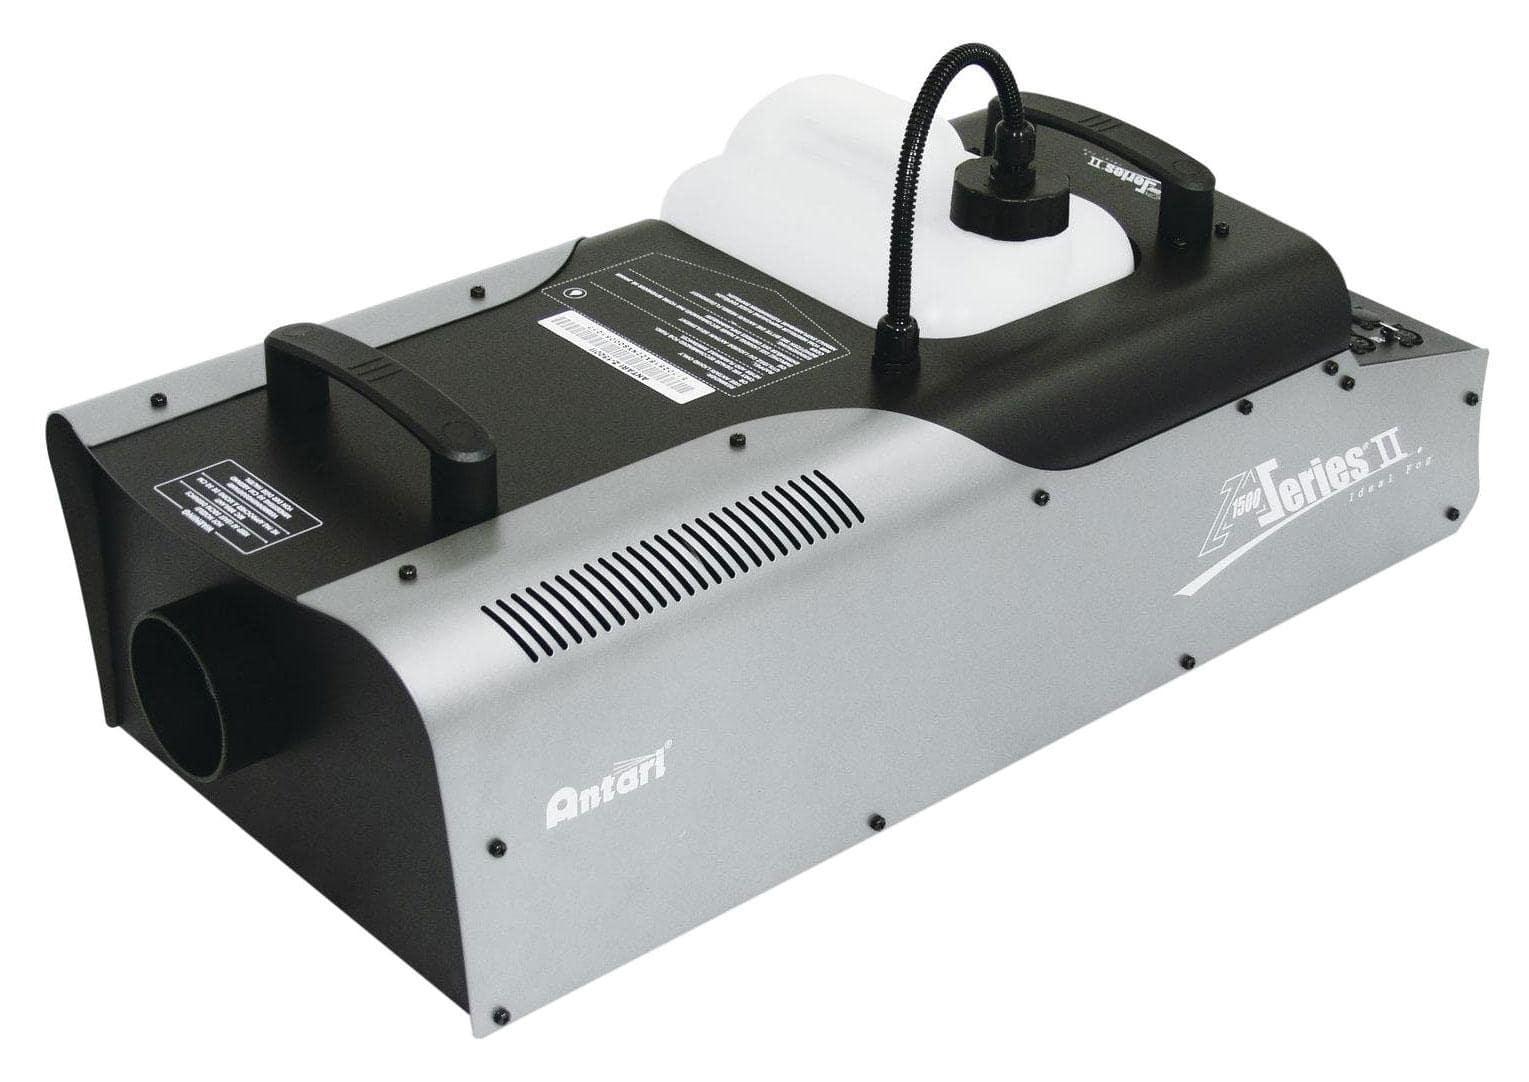 Antari Z 1500 MK2 Nebelmaschine mit Fernbedienung